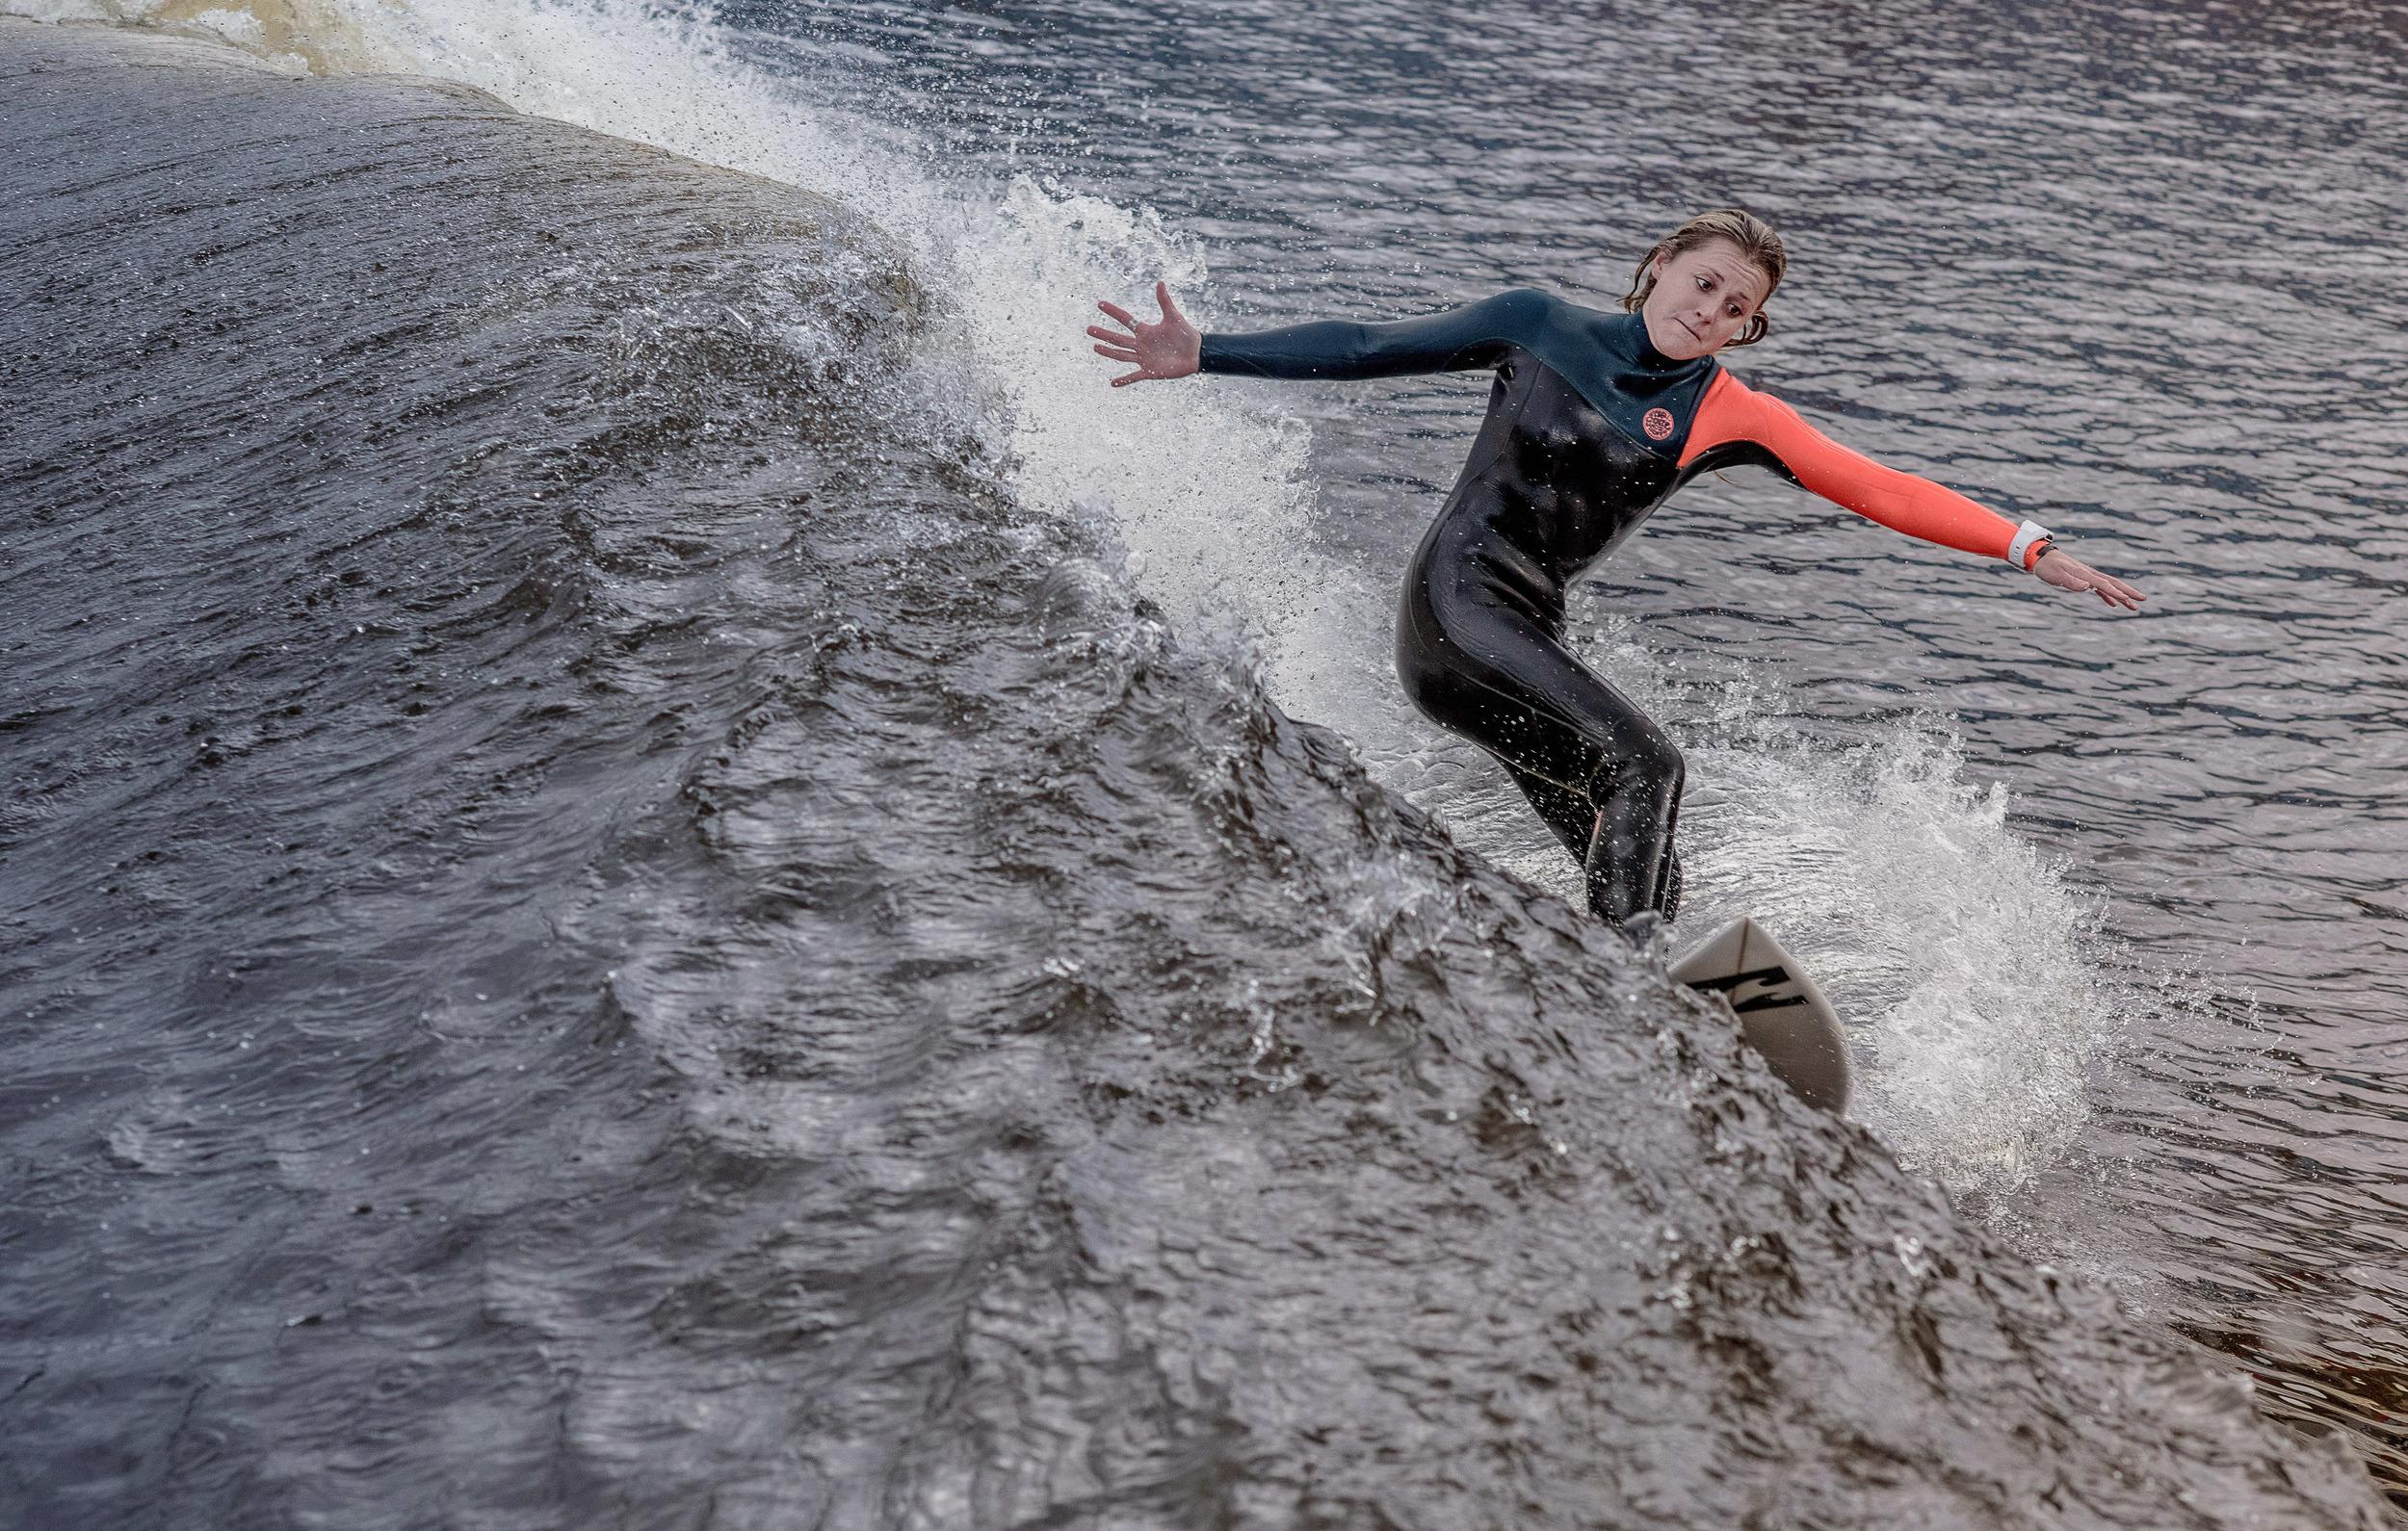 SURF DENNISON